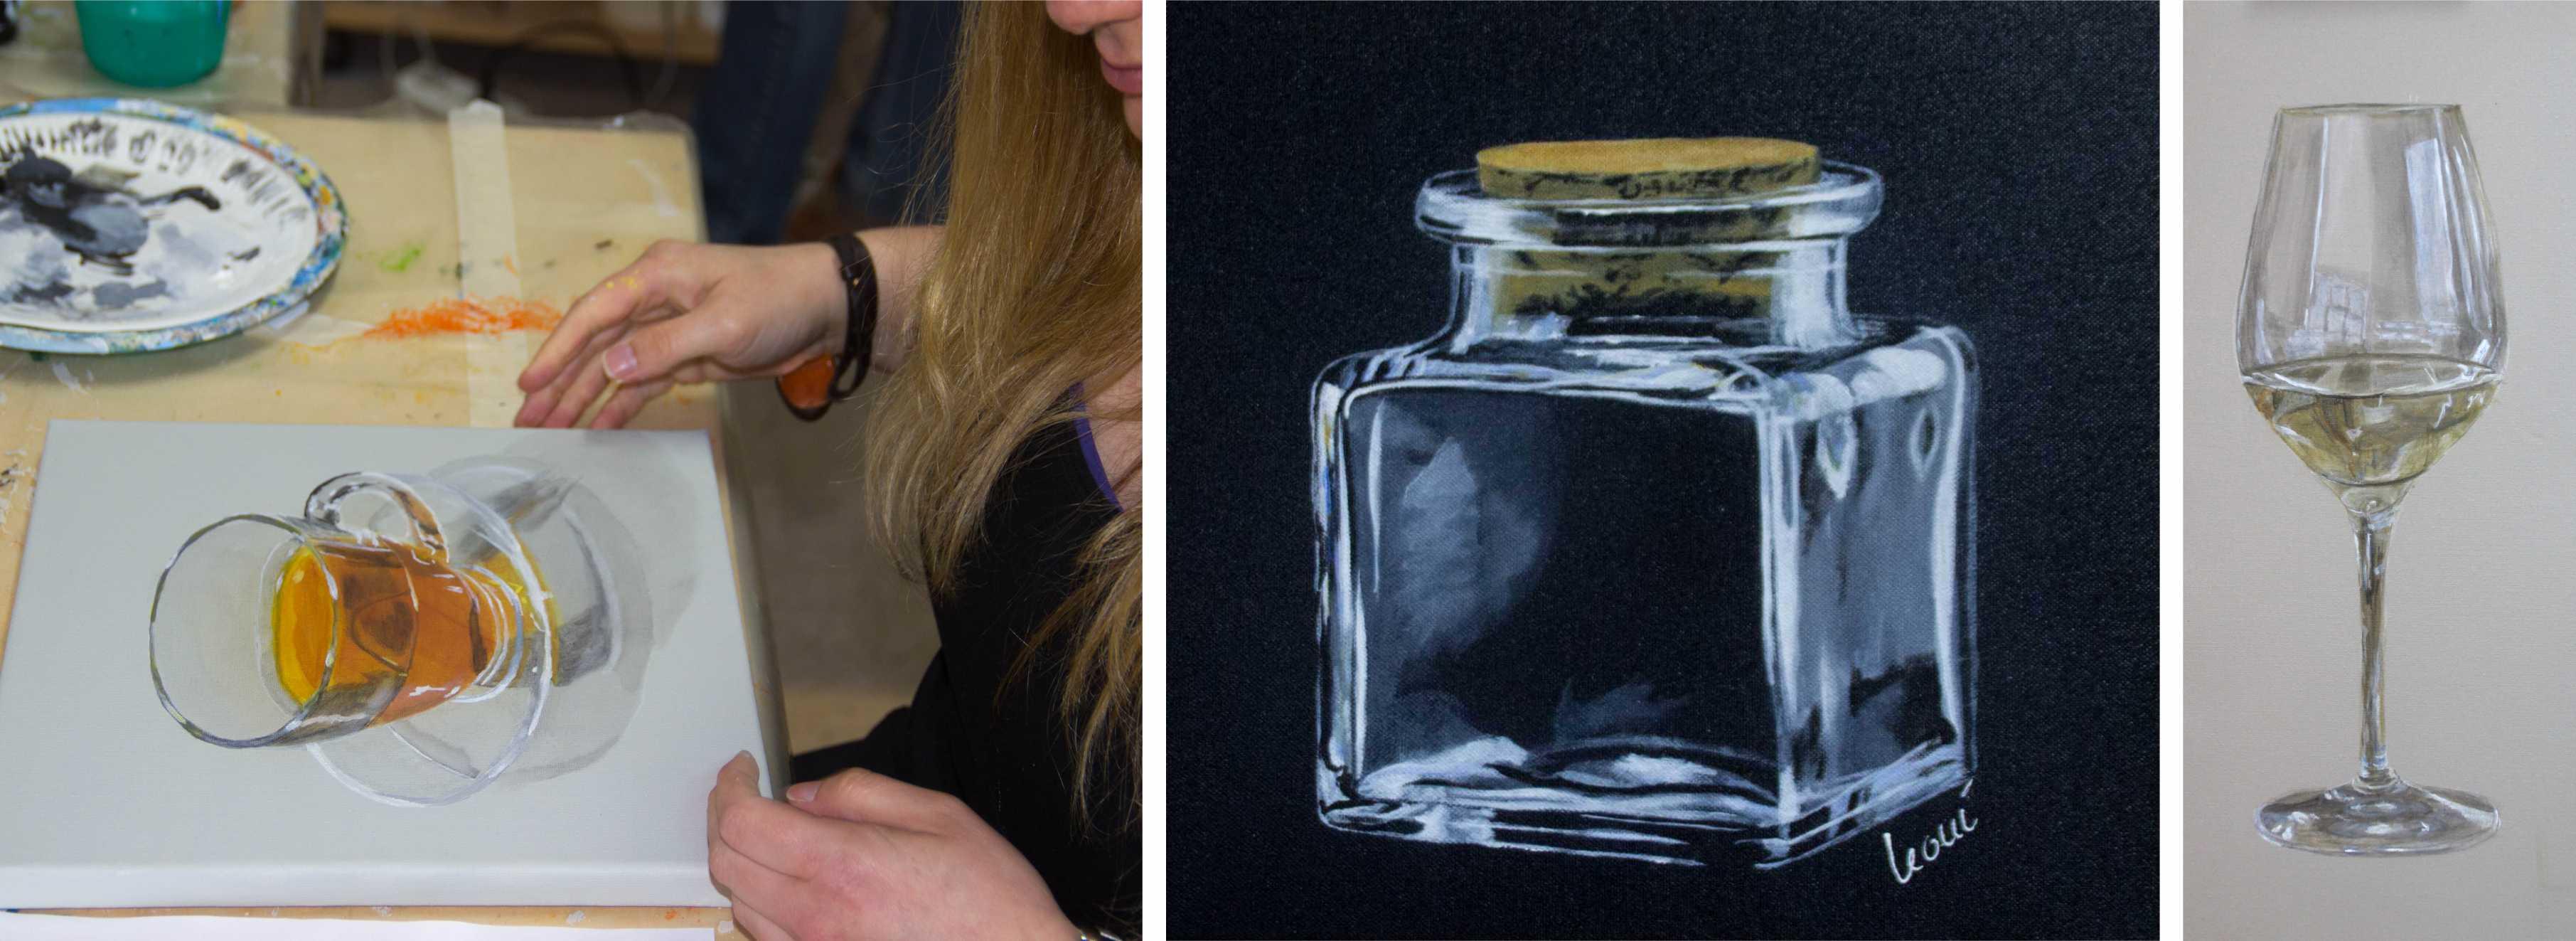 Kurs Spezielle Maltechniken - Transparenz für Künstler, Kunstakademie Wertheim, Akademie für Fotorealismus, Atelier Leoni